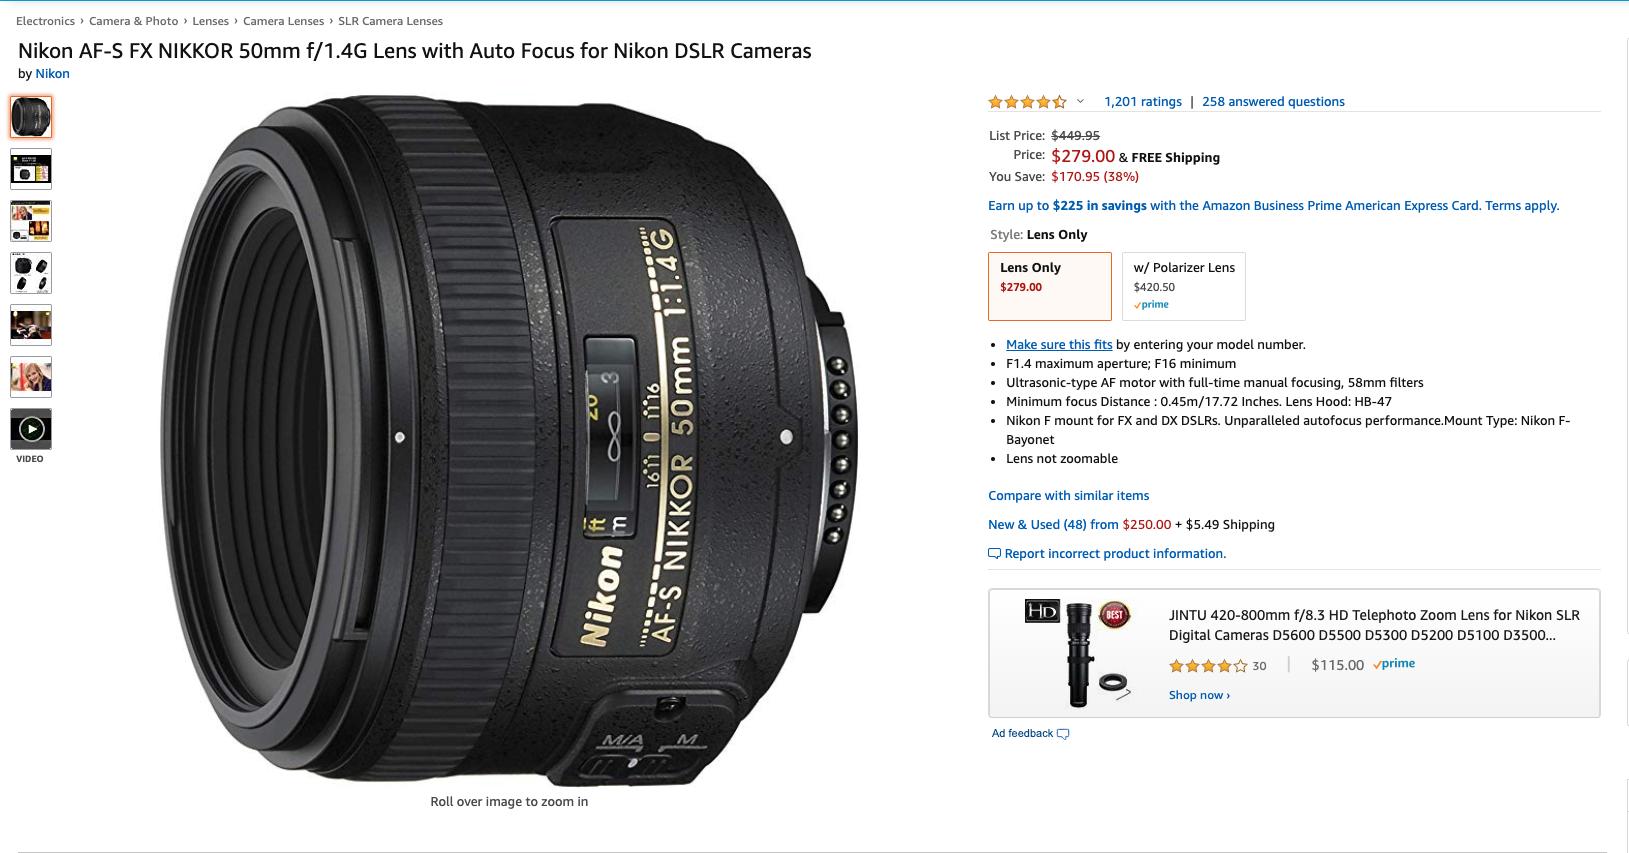 Nikon AF-S Nikkor 50mm f/1.4G Wide Angle Lens $279